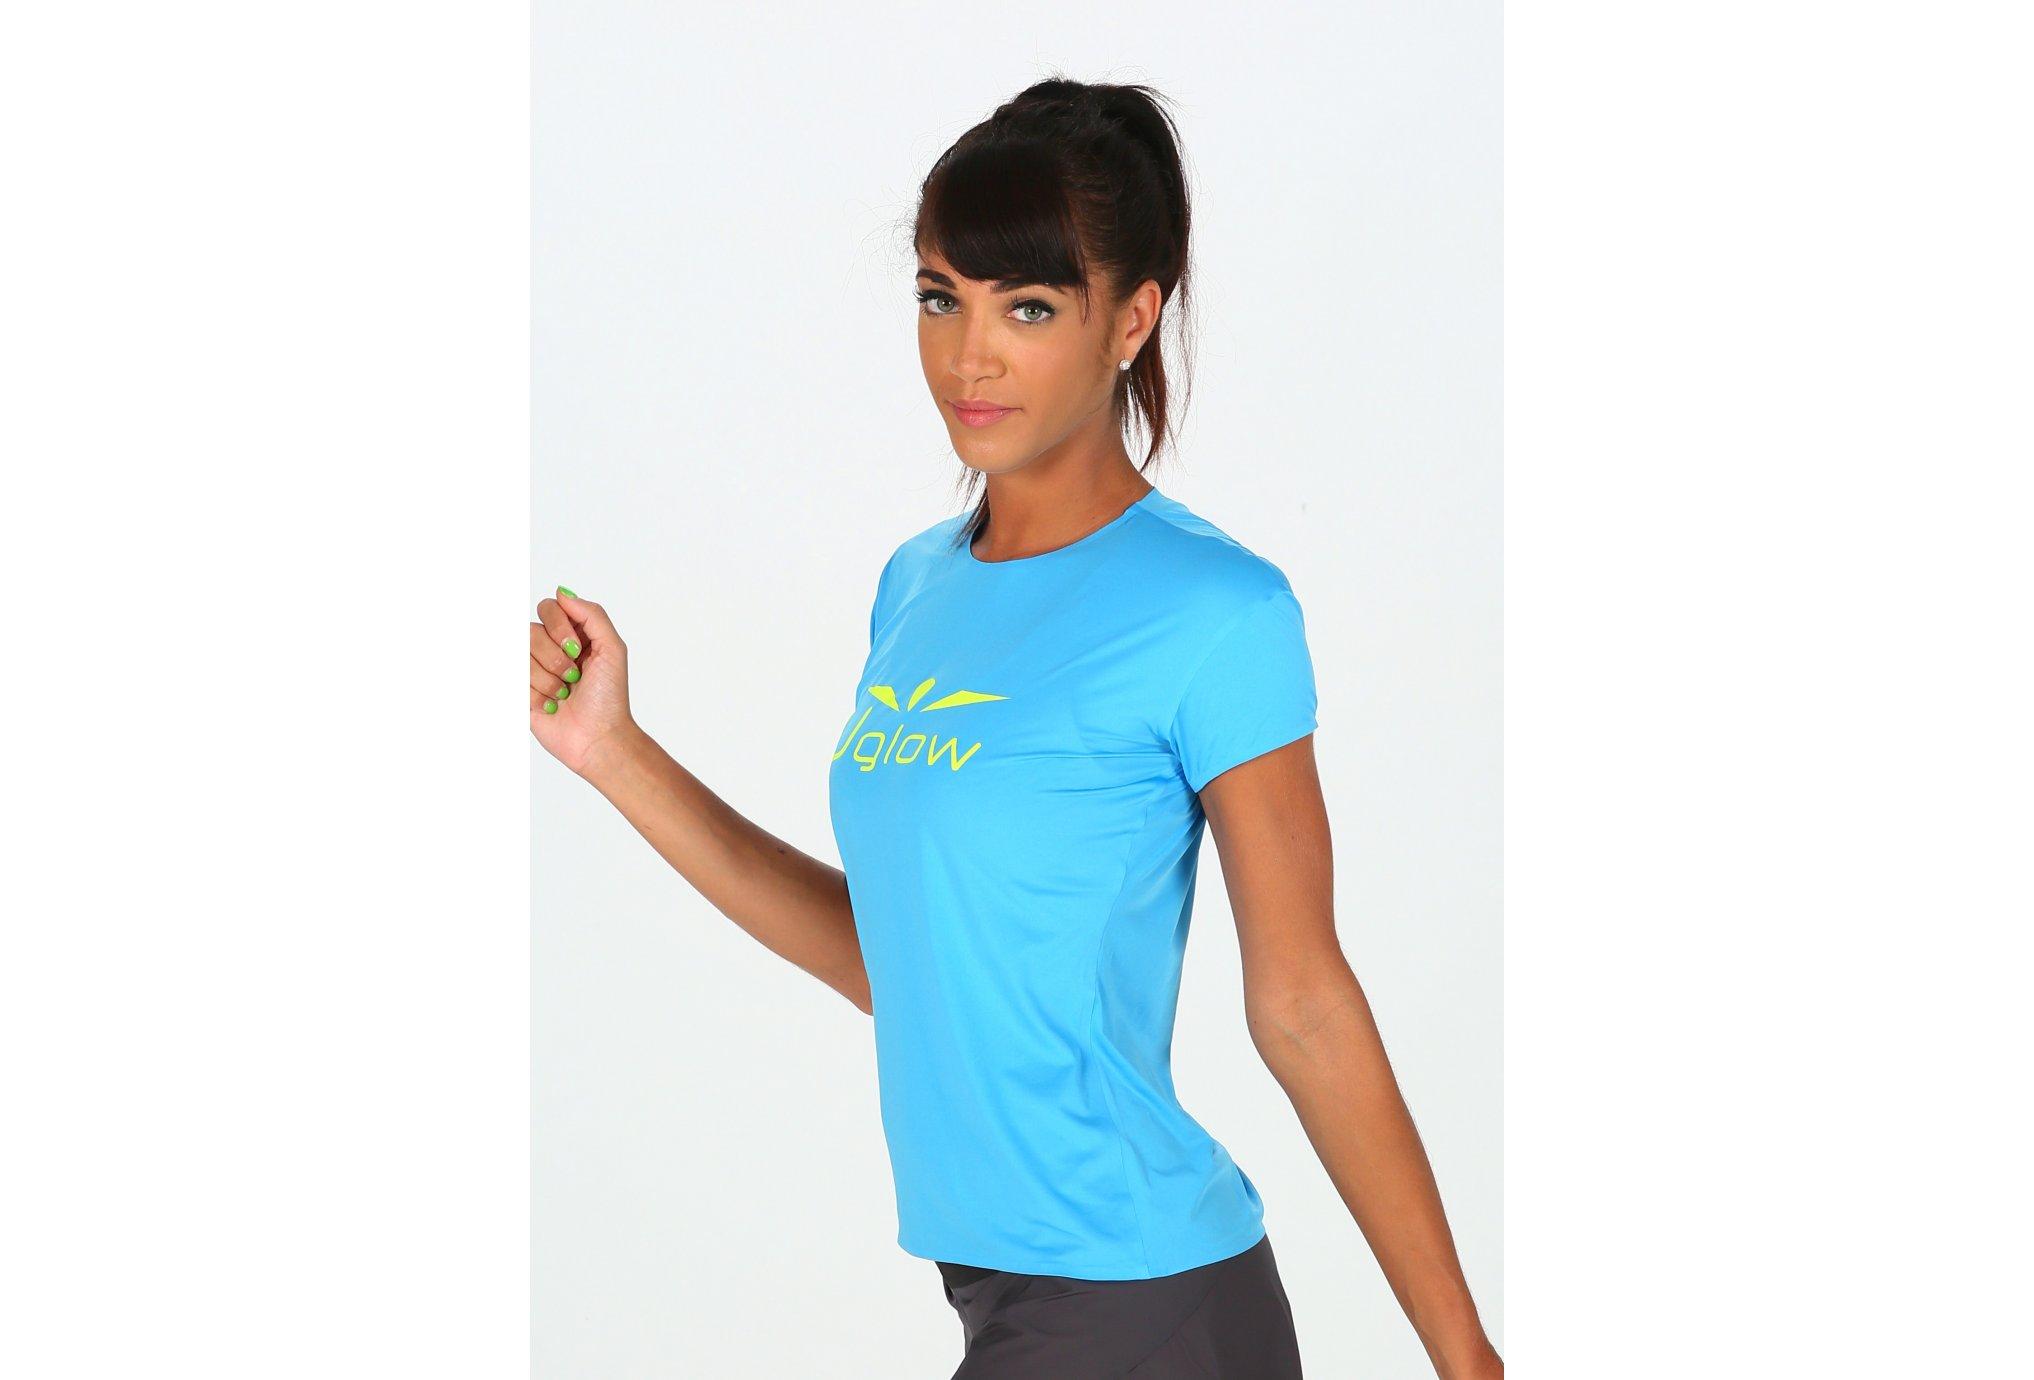 Uglow Tee-Shirt W vêtement running femme